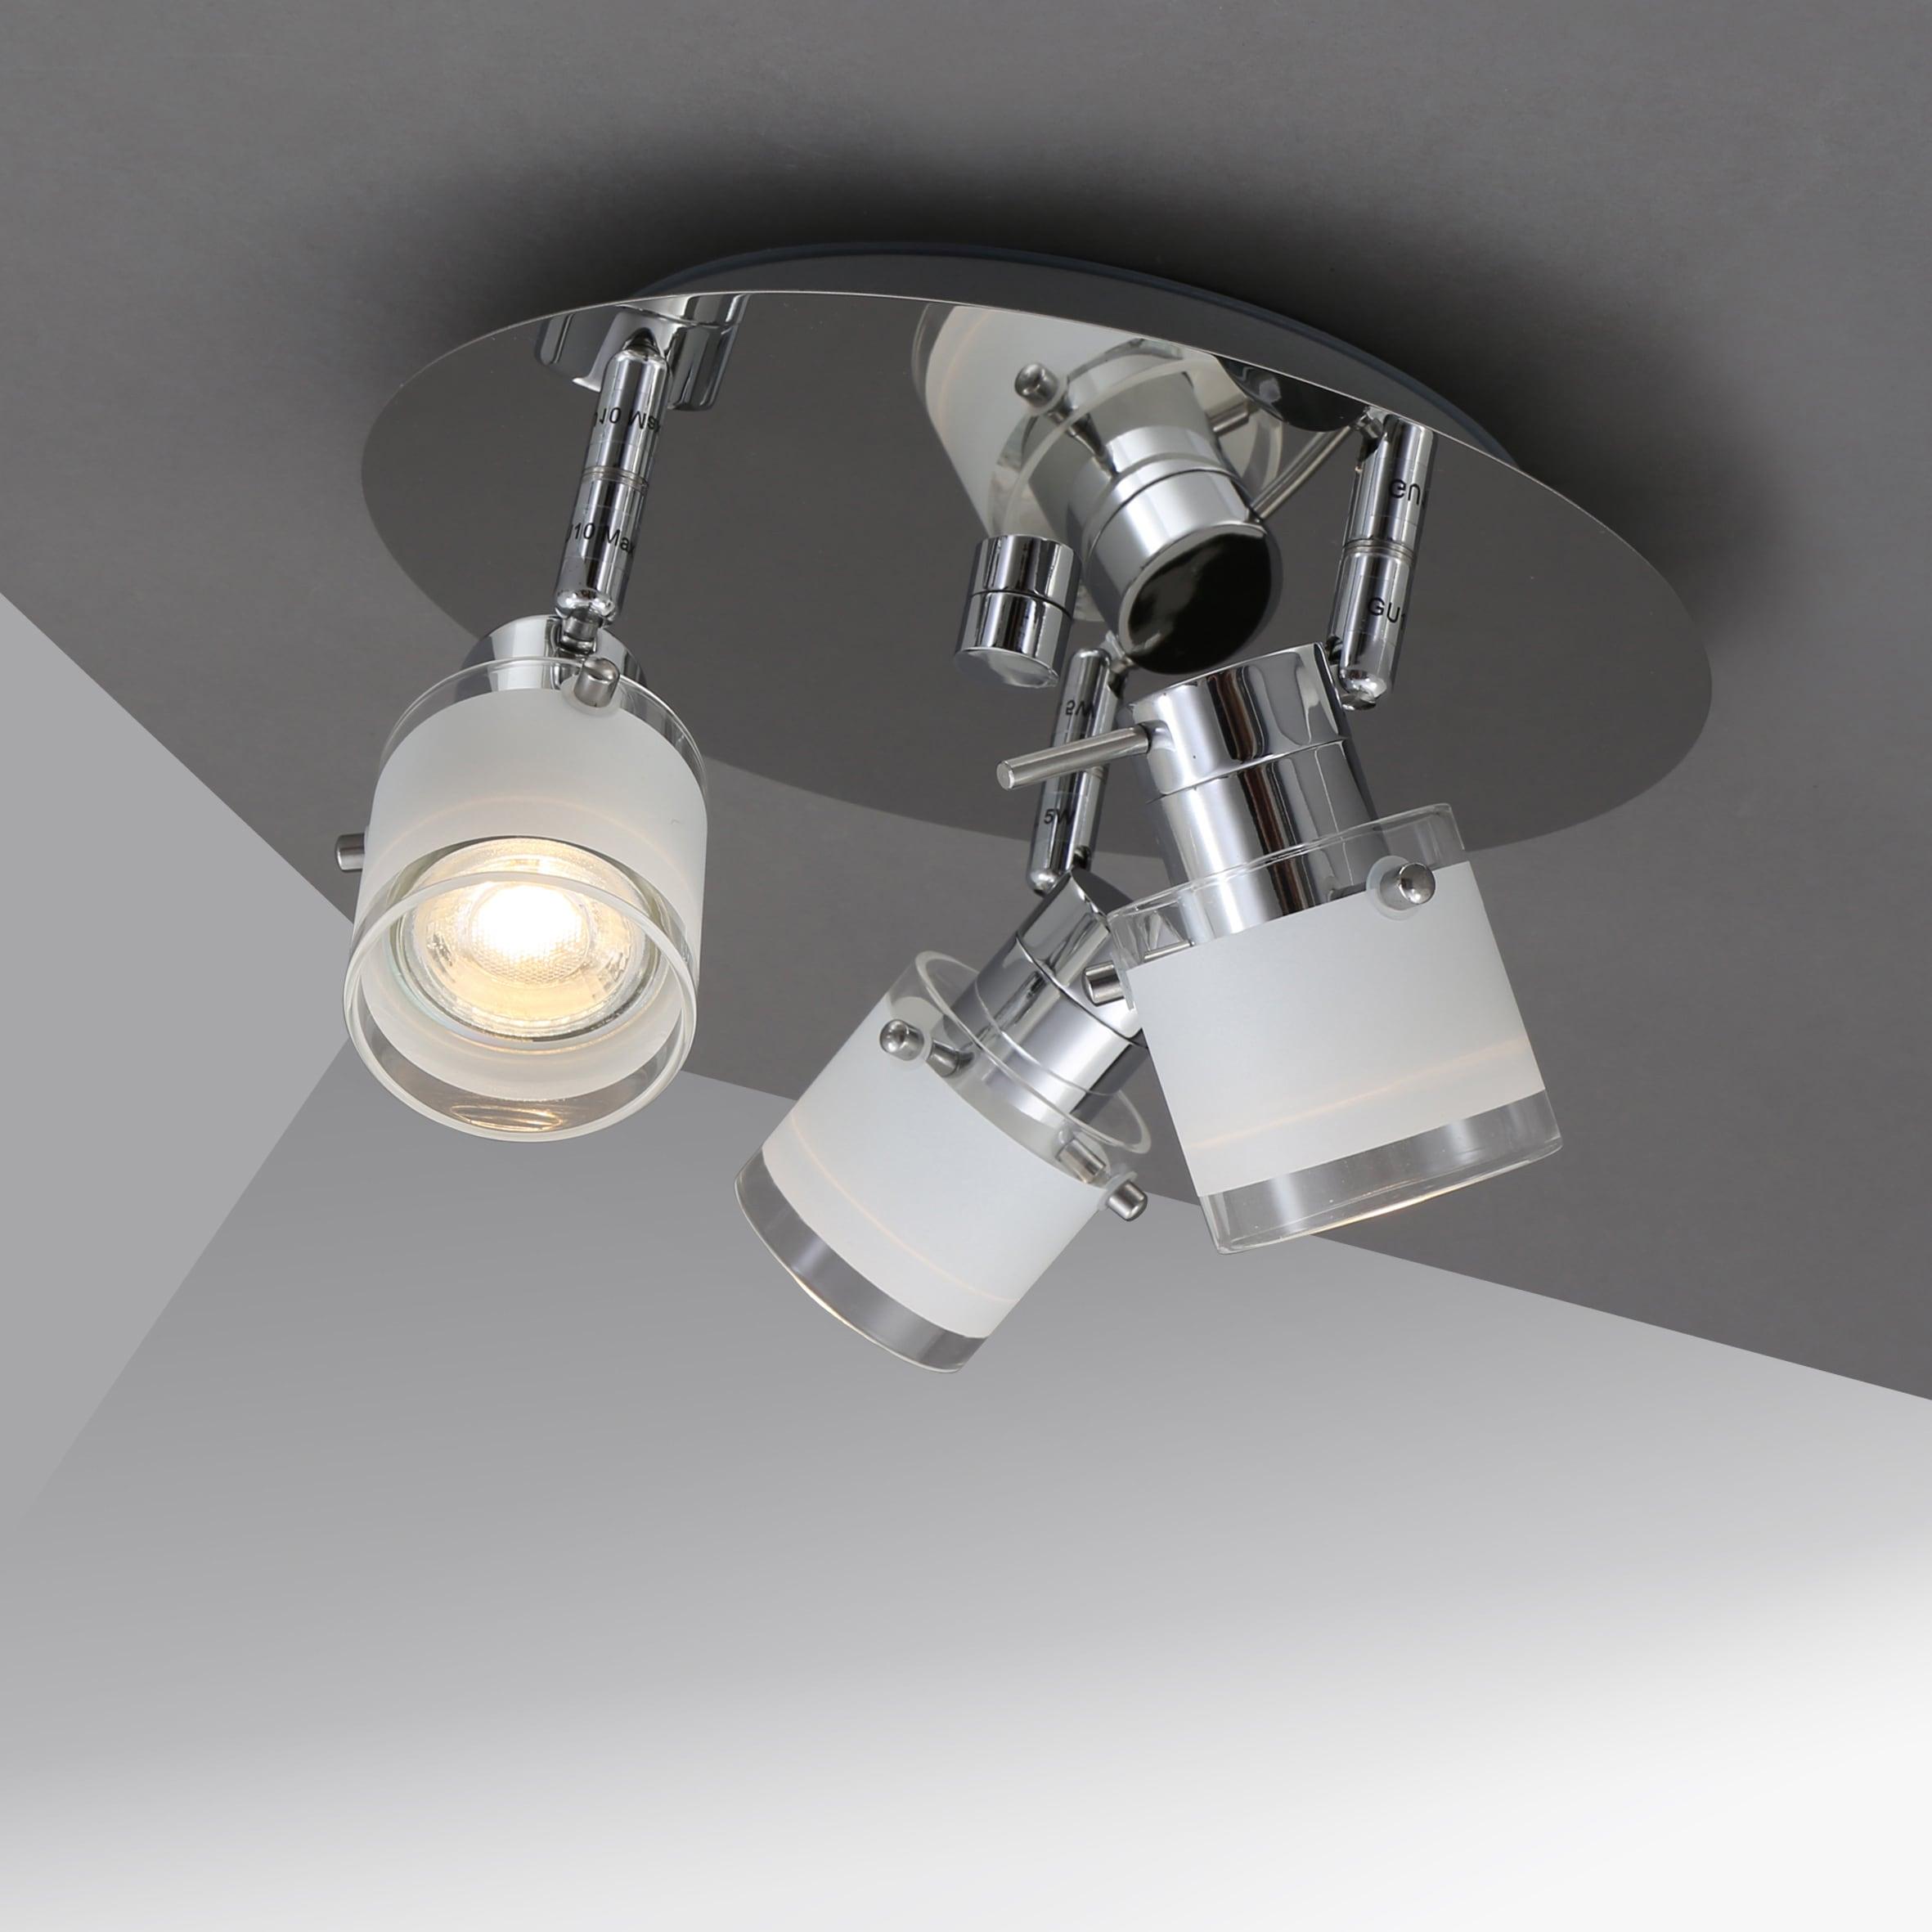 B.K.Licht LED Deckenleuchte, GU10, Warmweiß, LED Bad Deckenlampe Design Deckenstrahler schwenkbar GU10 IP44 Badezimmer